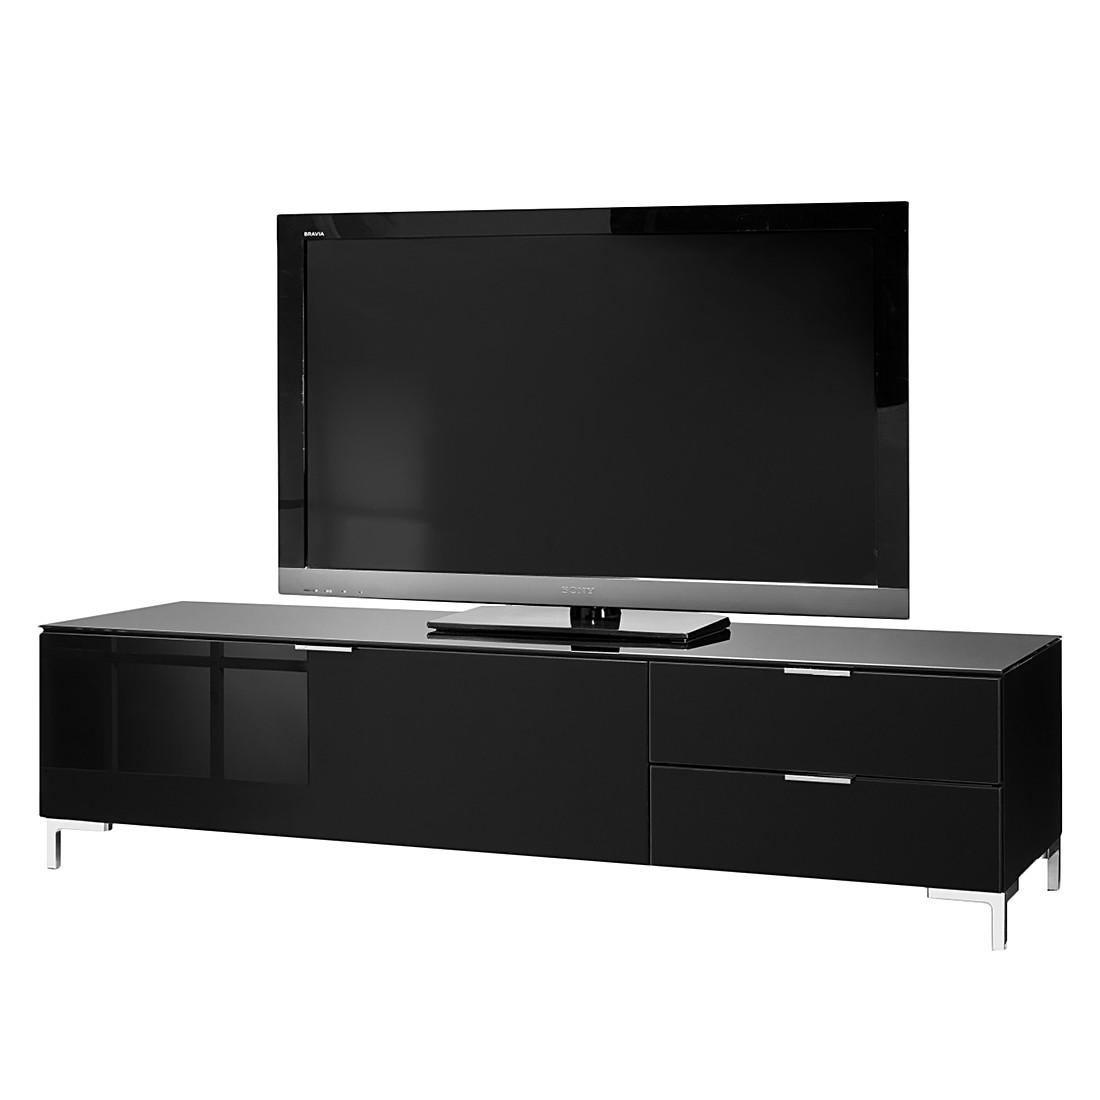 Tv lowboard schwarz glas  Jetzt bei Home24: TV-Lowboard von CS Schmal | Home24